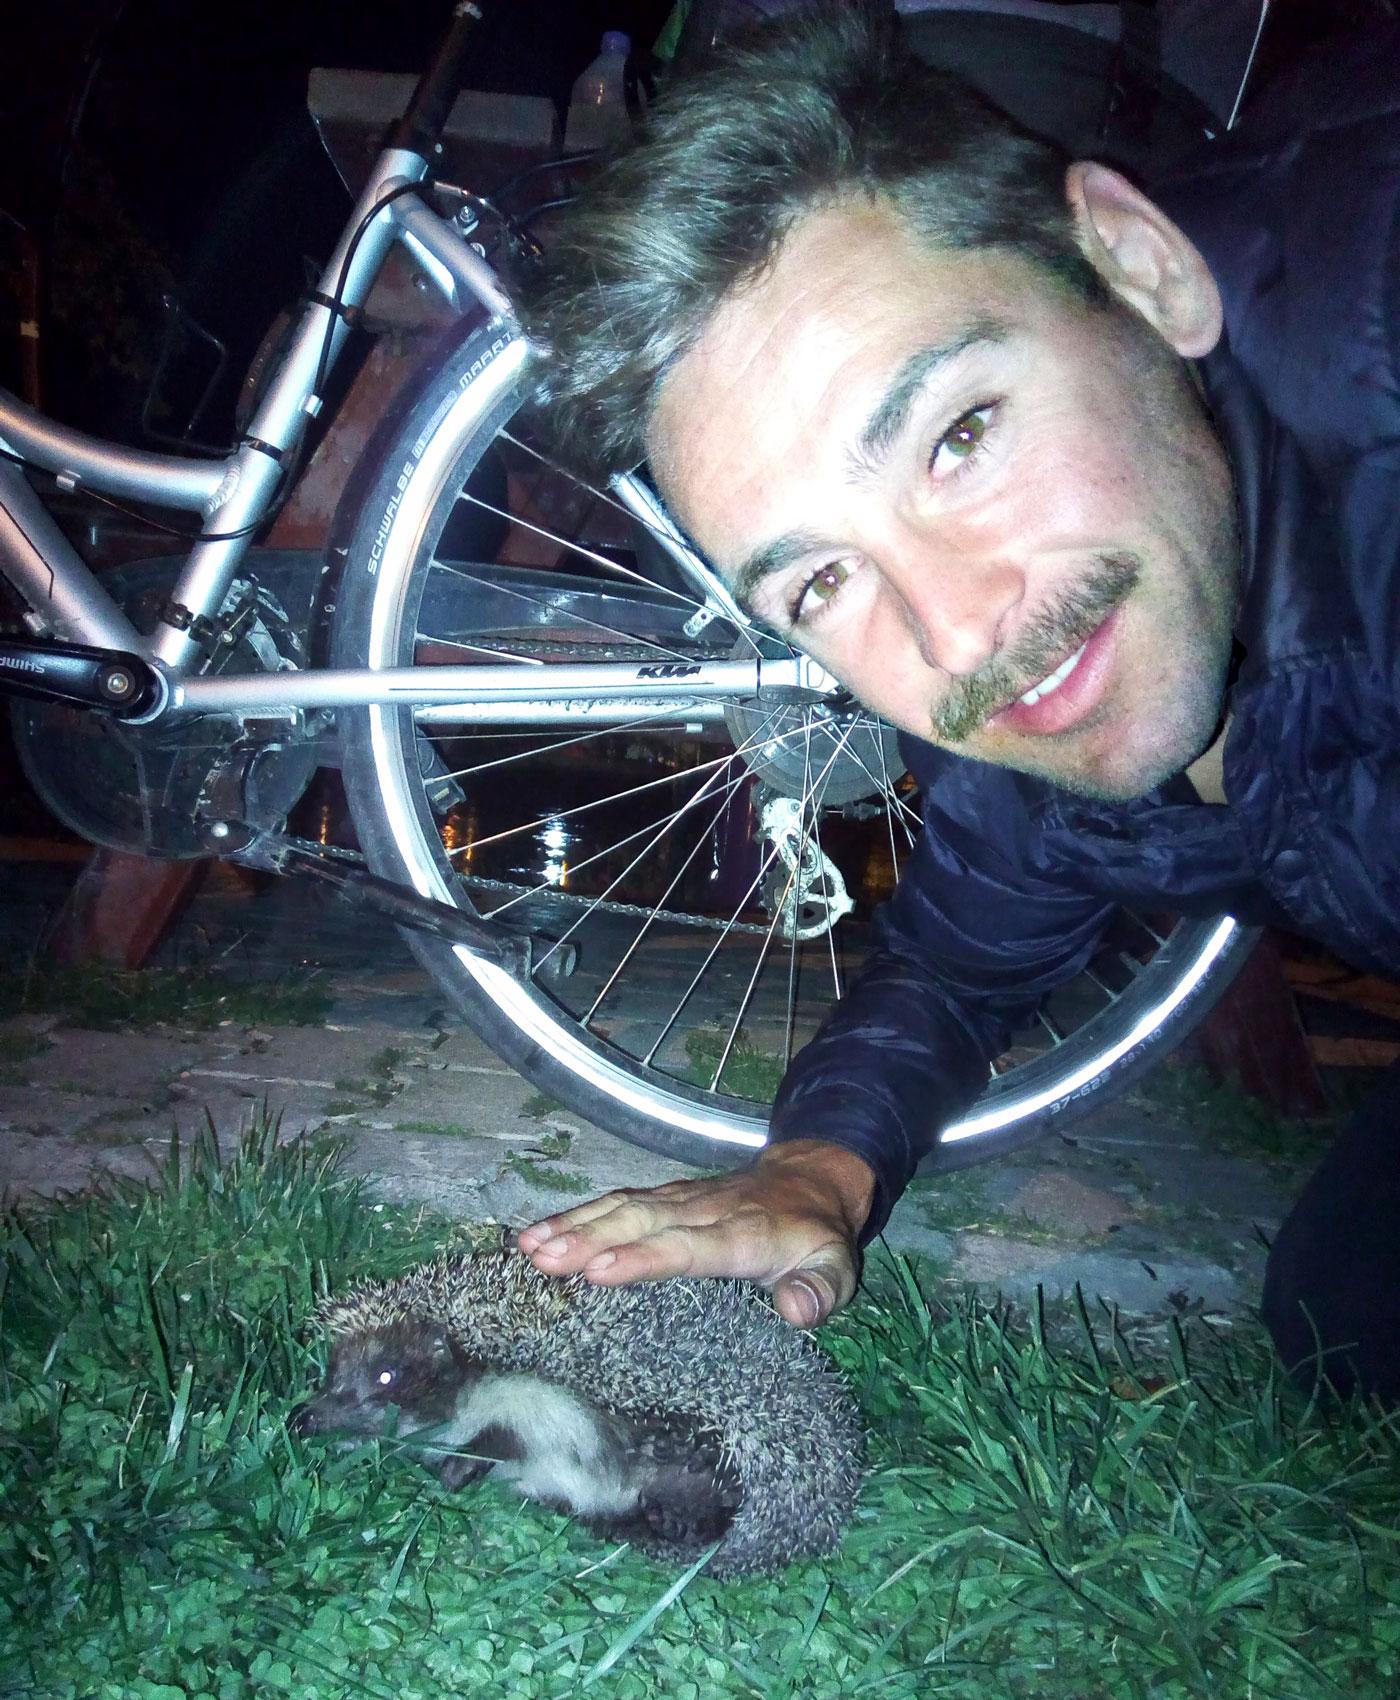 Cycling Turkey, Arthur found a hedgehog in Avanos. Cycling Turquey, Arthur found a hedgehog in Avanos.